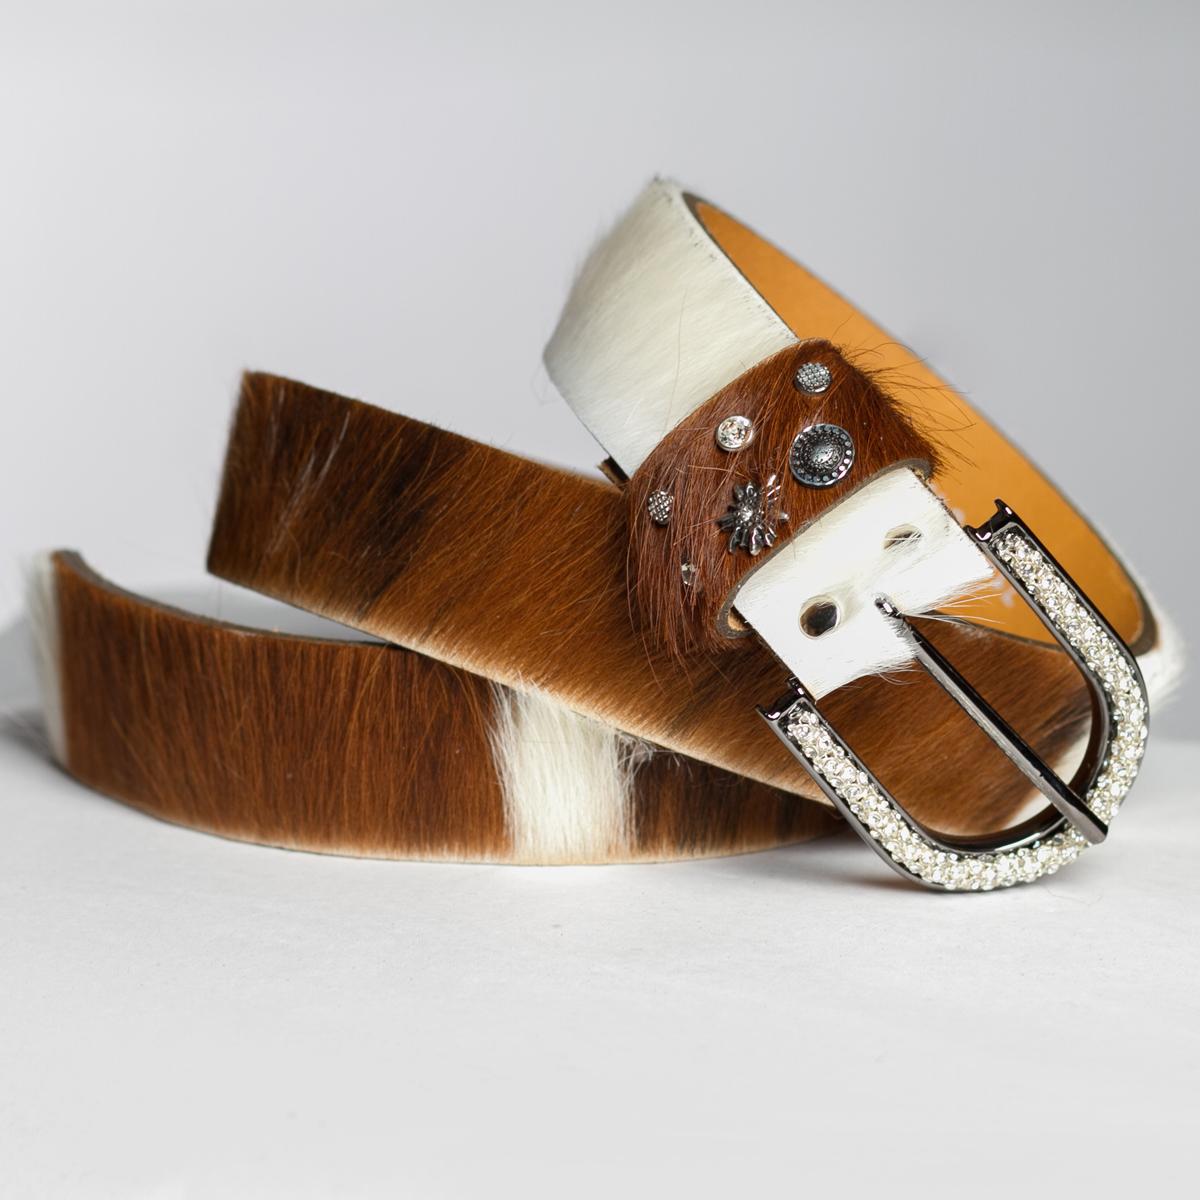 größter Rabatt schöner Stil günstig kaufen Damen Gürtel -Kuhfell Optik mit Strass Schnalle - braun/weiß